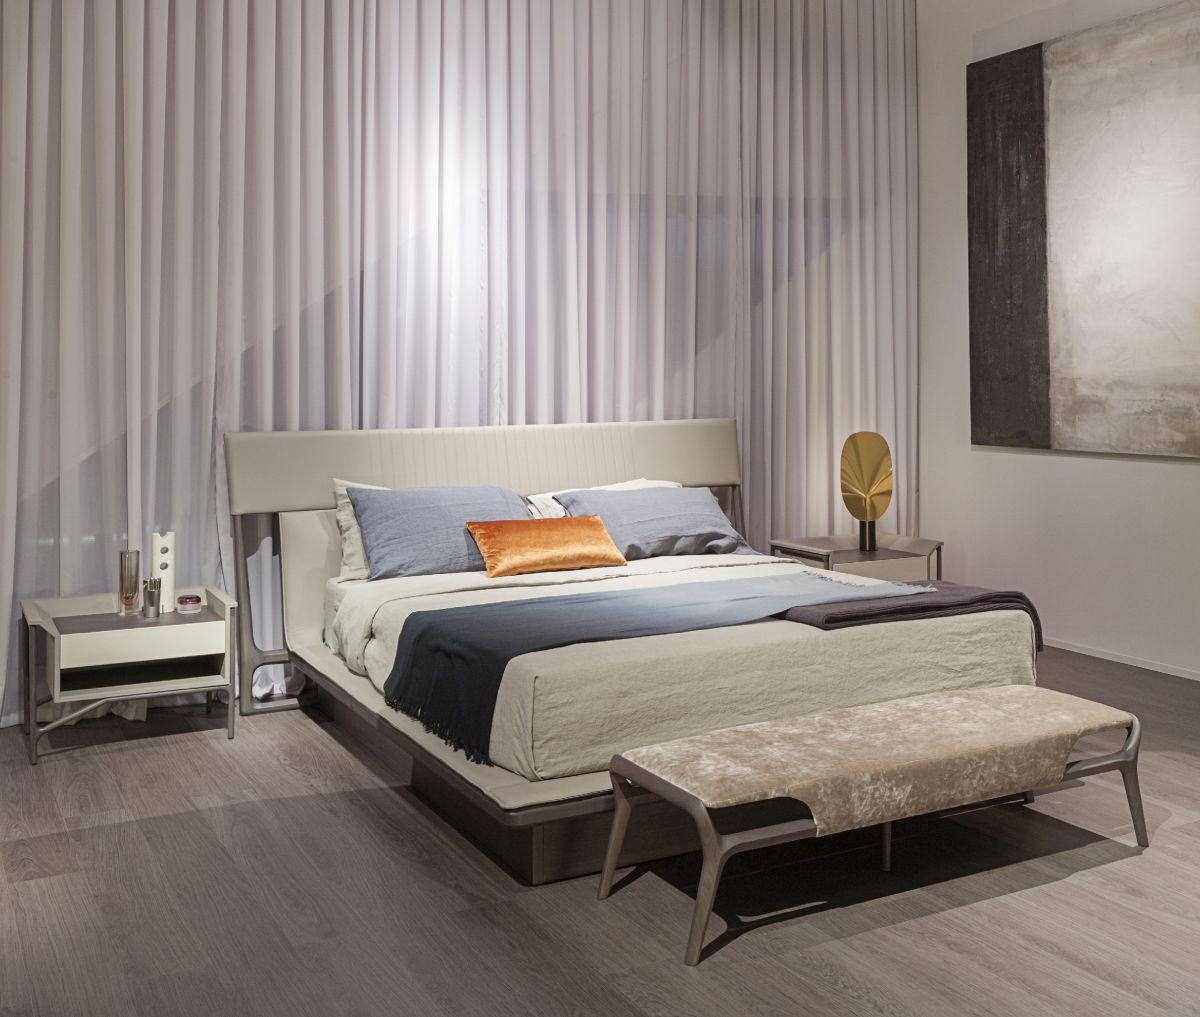 03_turi_vine-bedroom-04_2019_hr.jpg